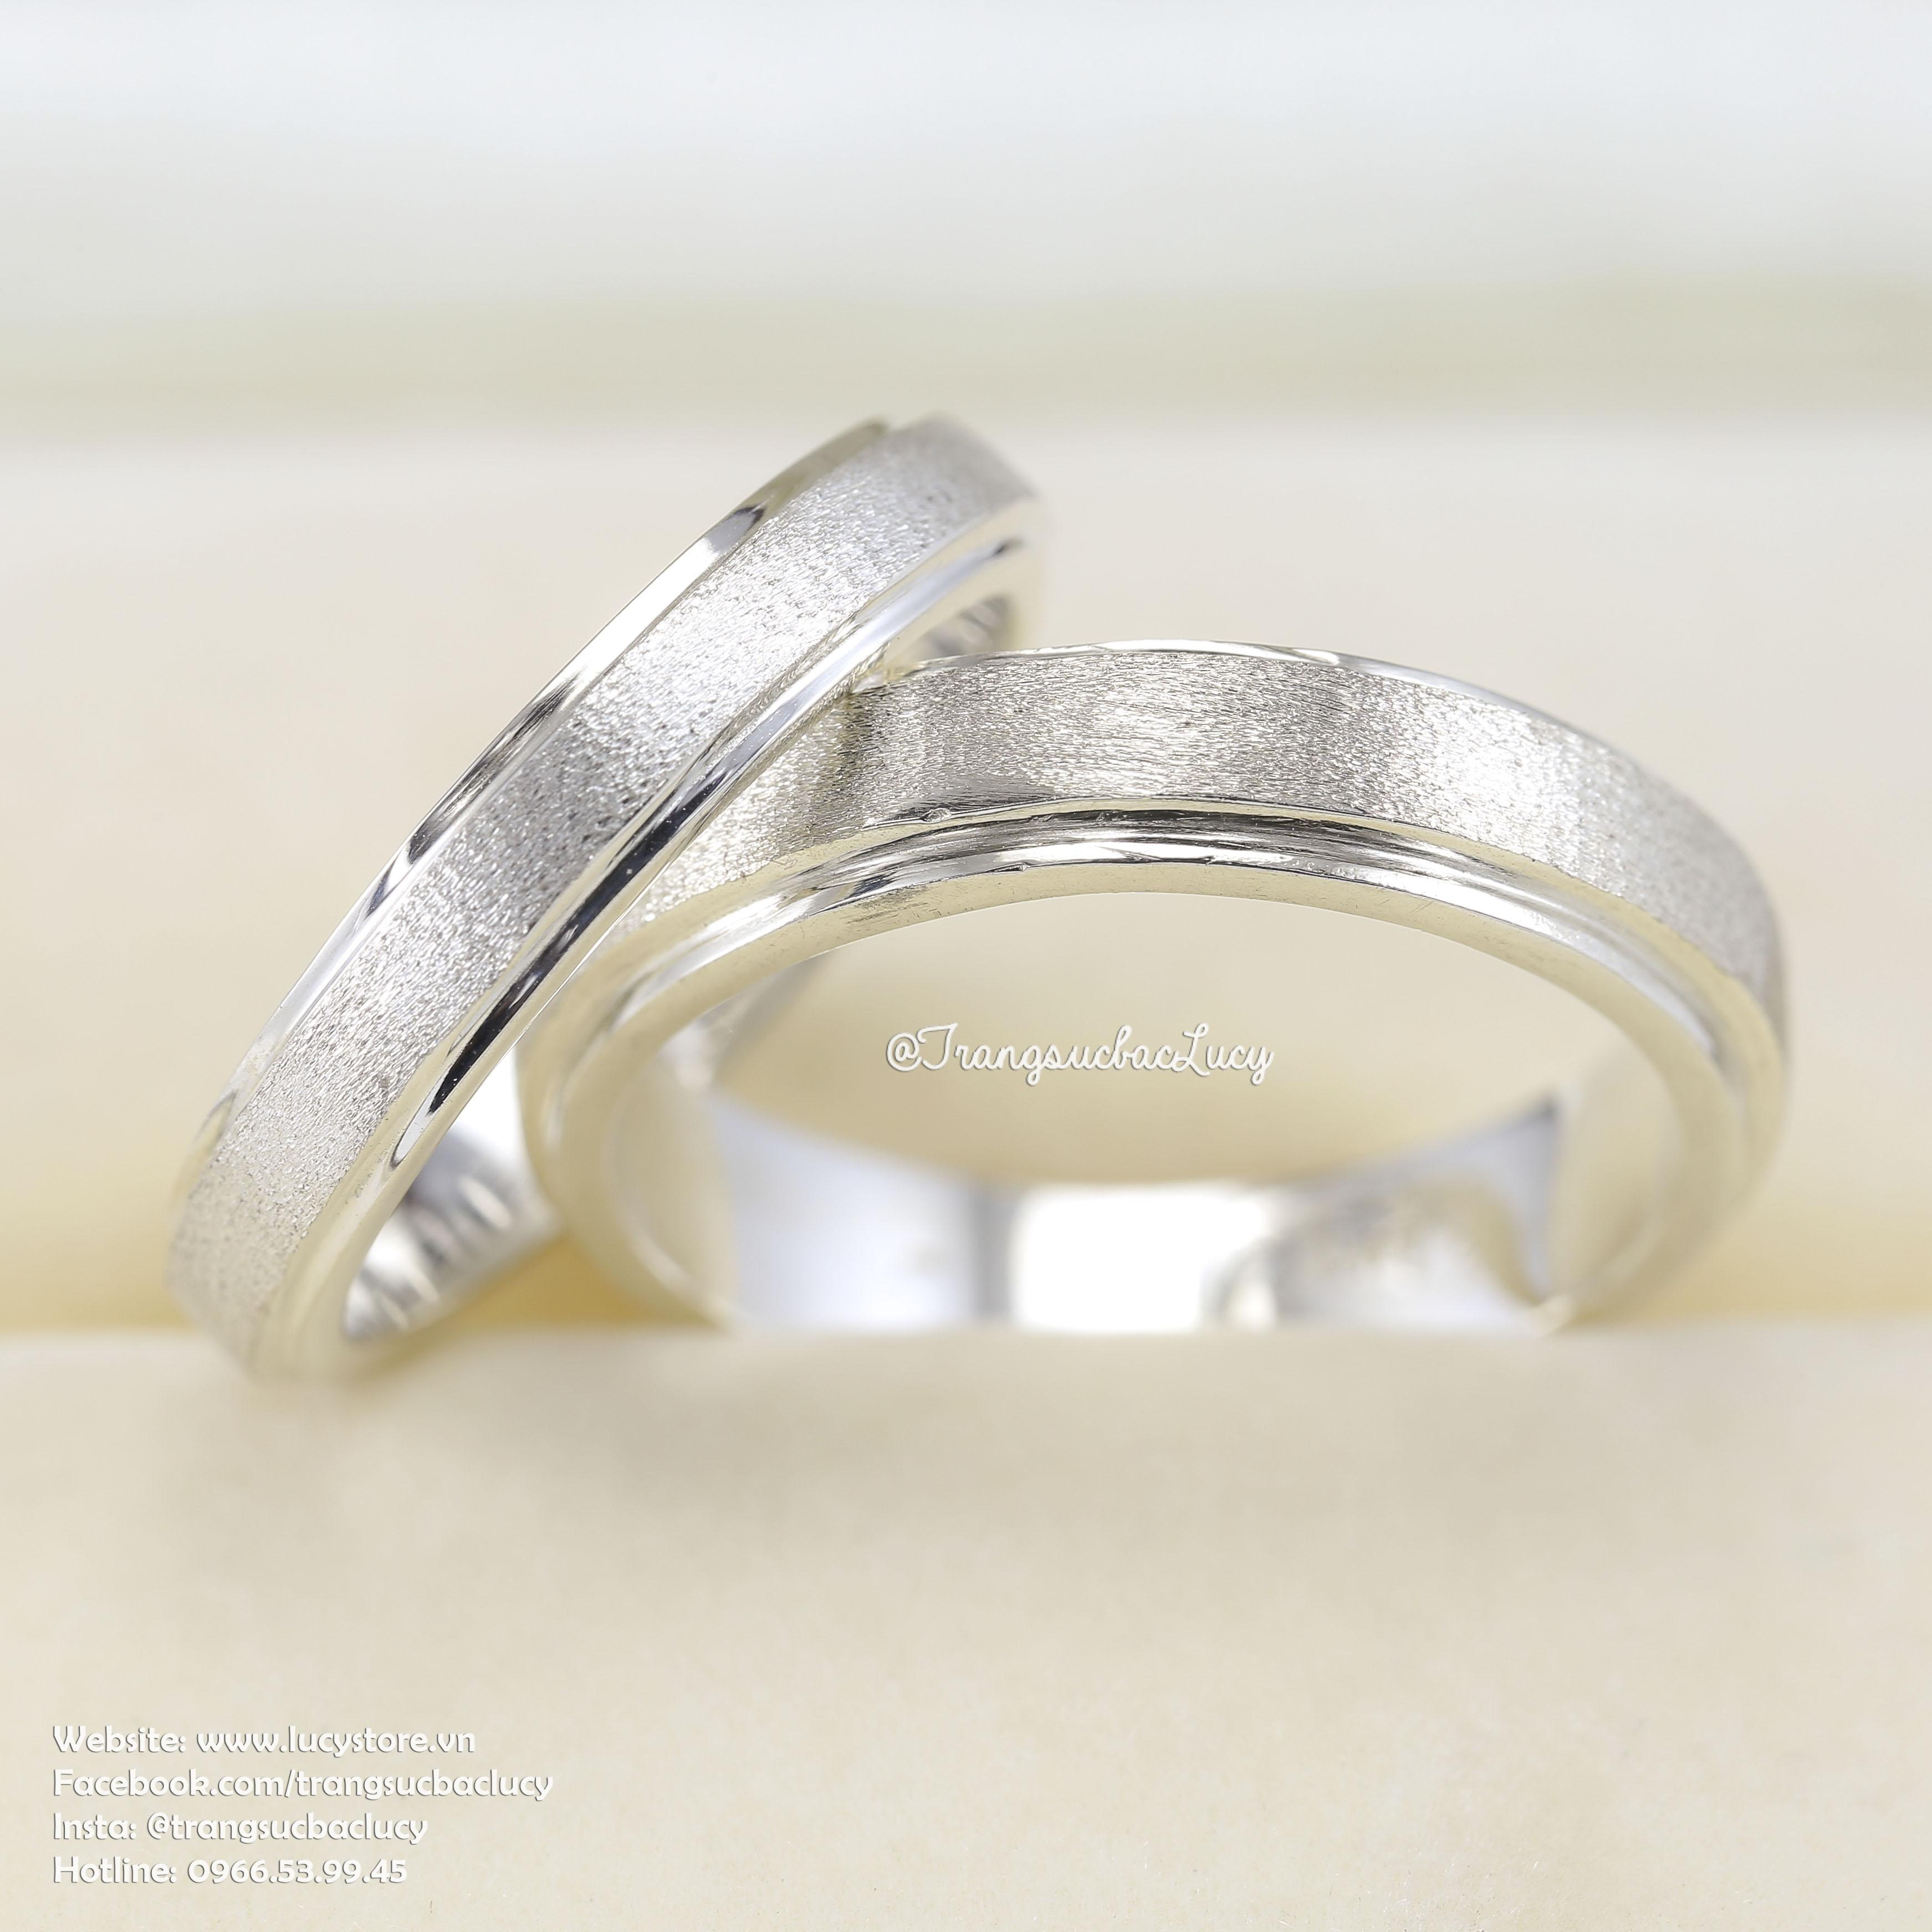 Nhẫn đôi nhẫn cặp bạc Lucy - ND027